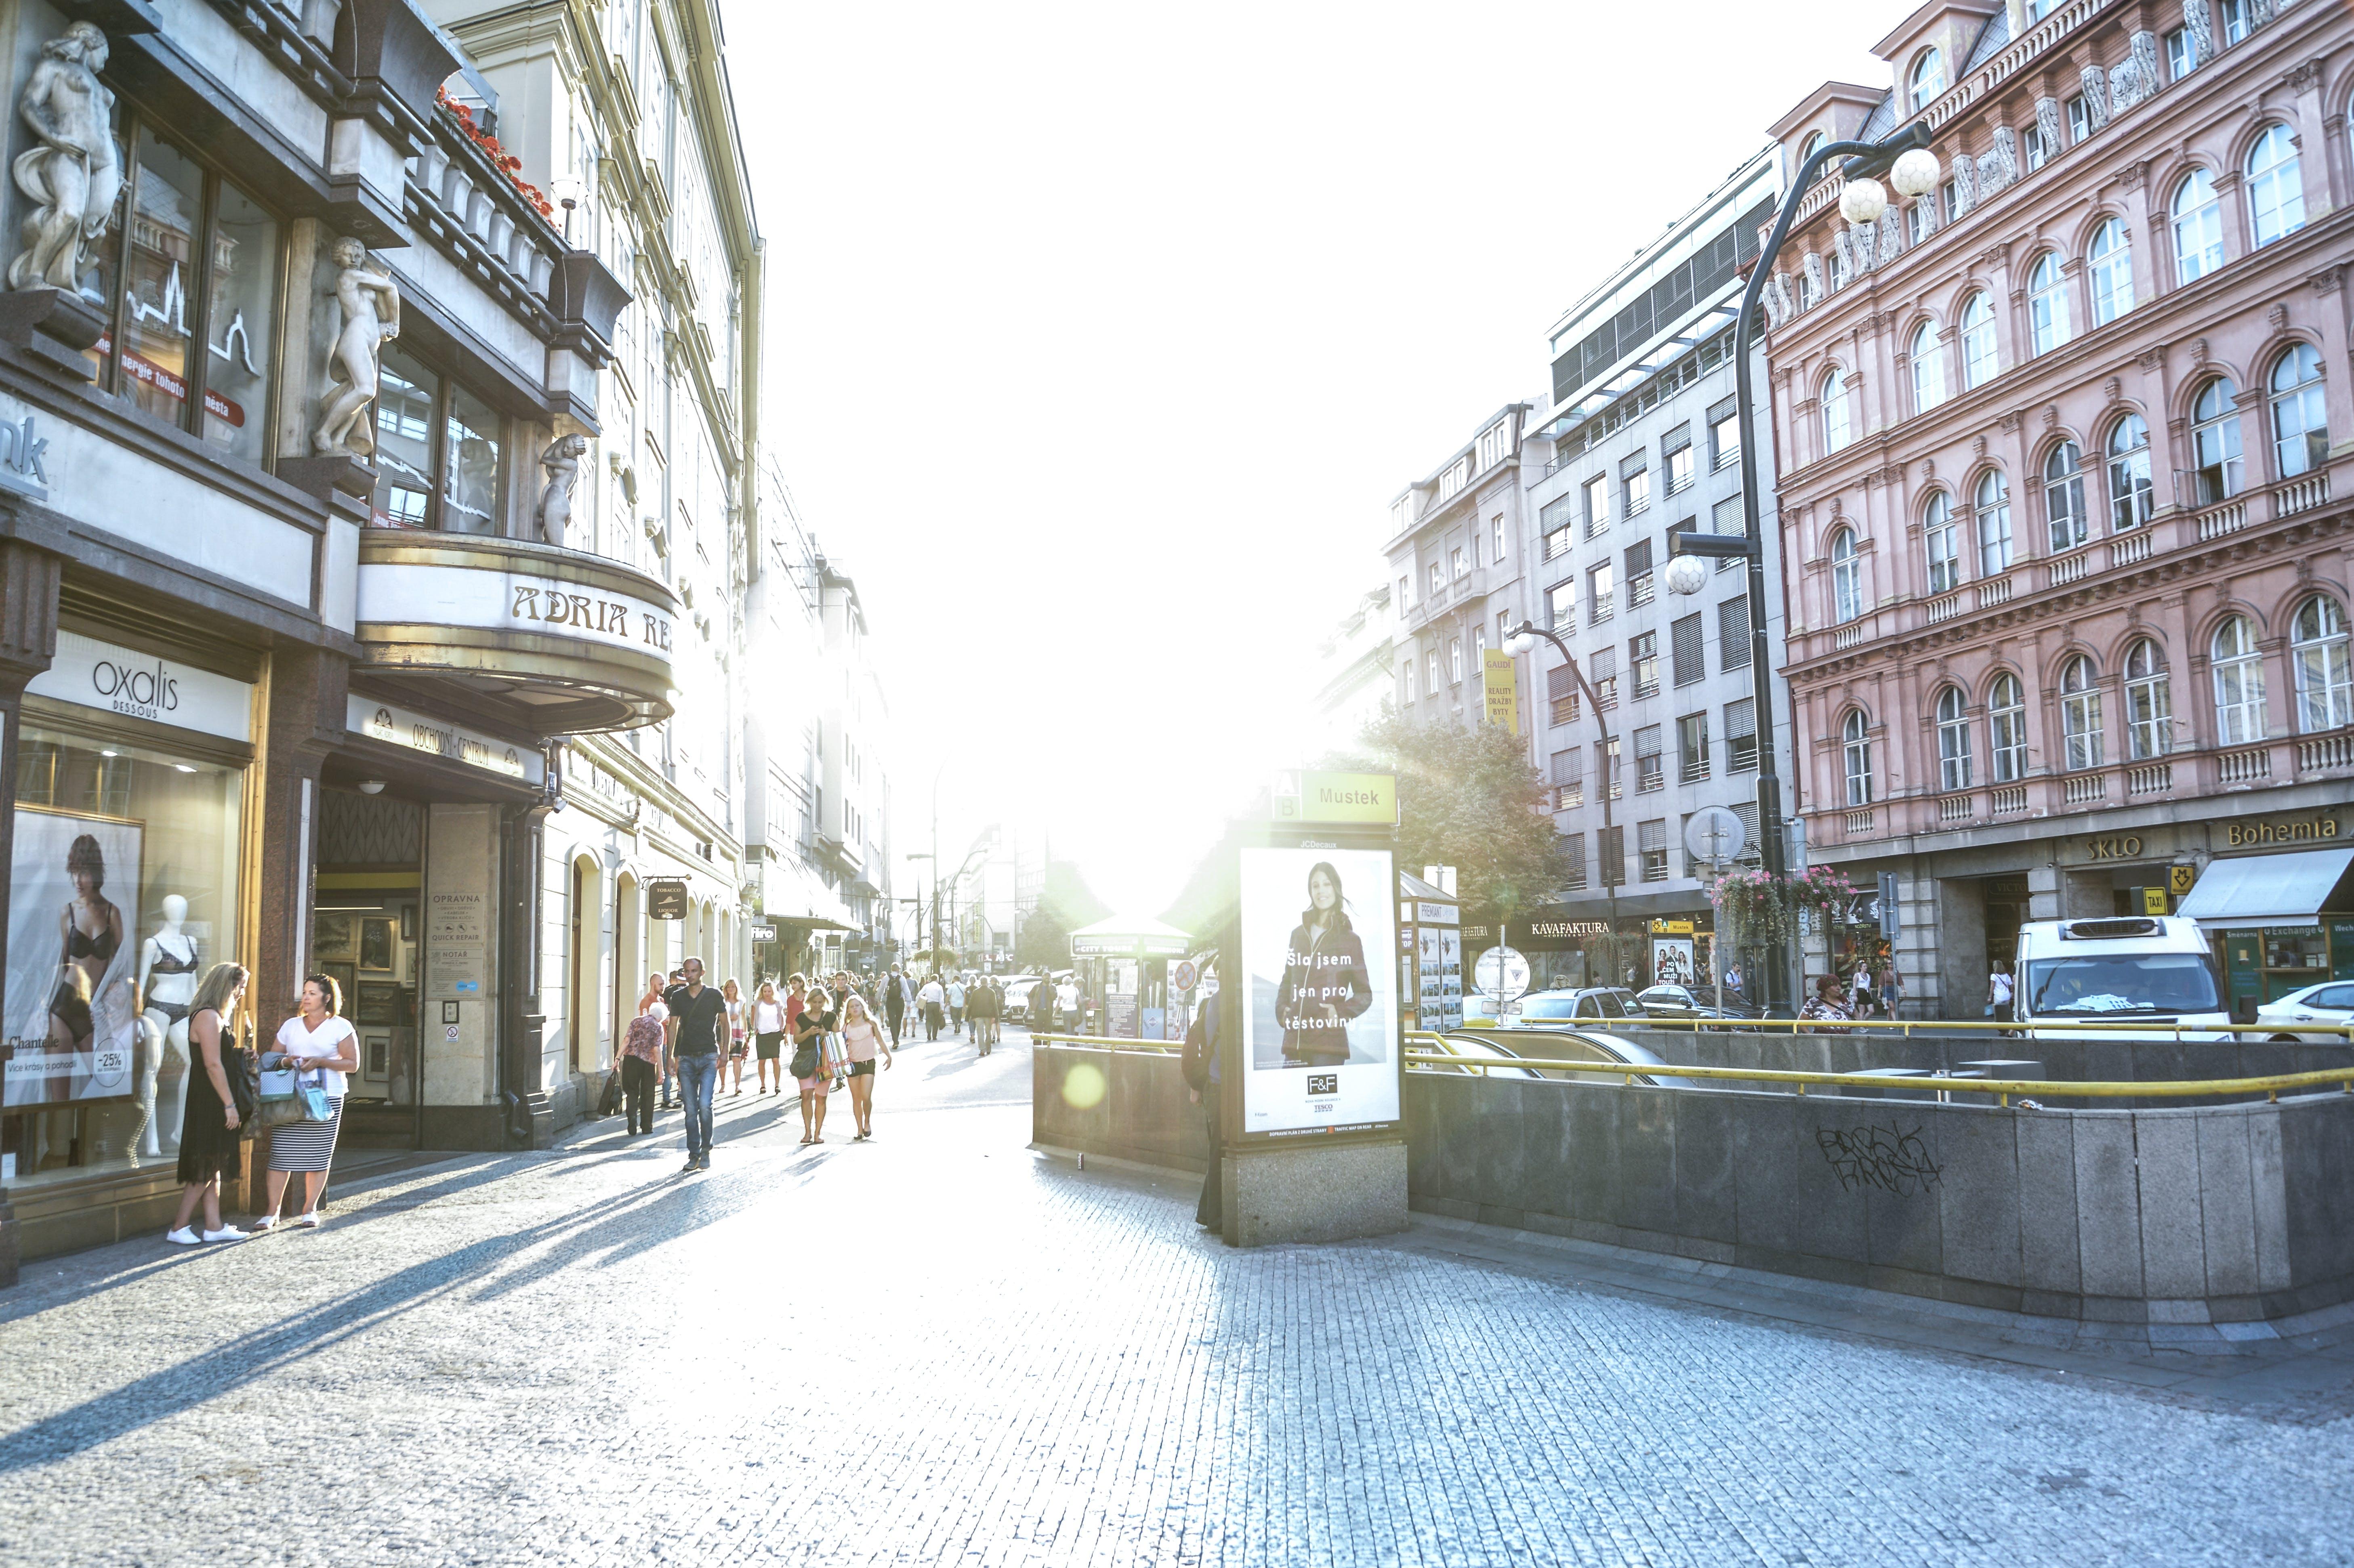 가로등 기둥, 거리, 건물, 건축의 무료 스톡 사진